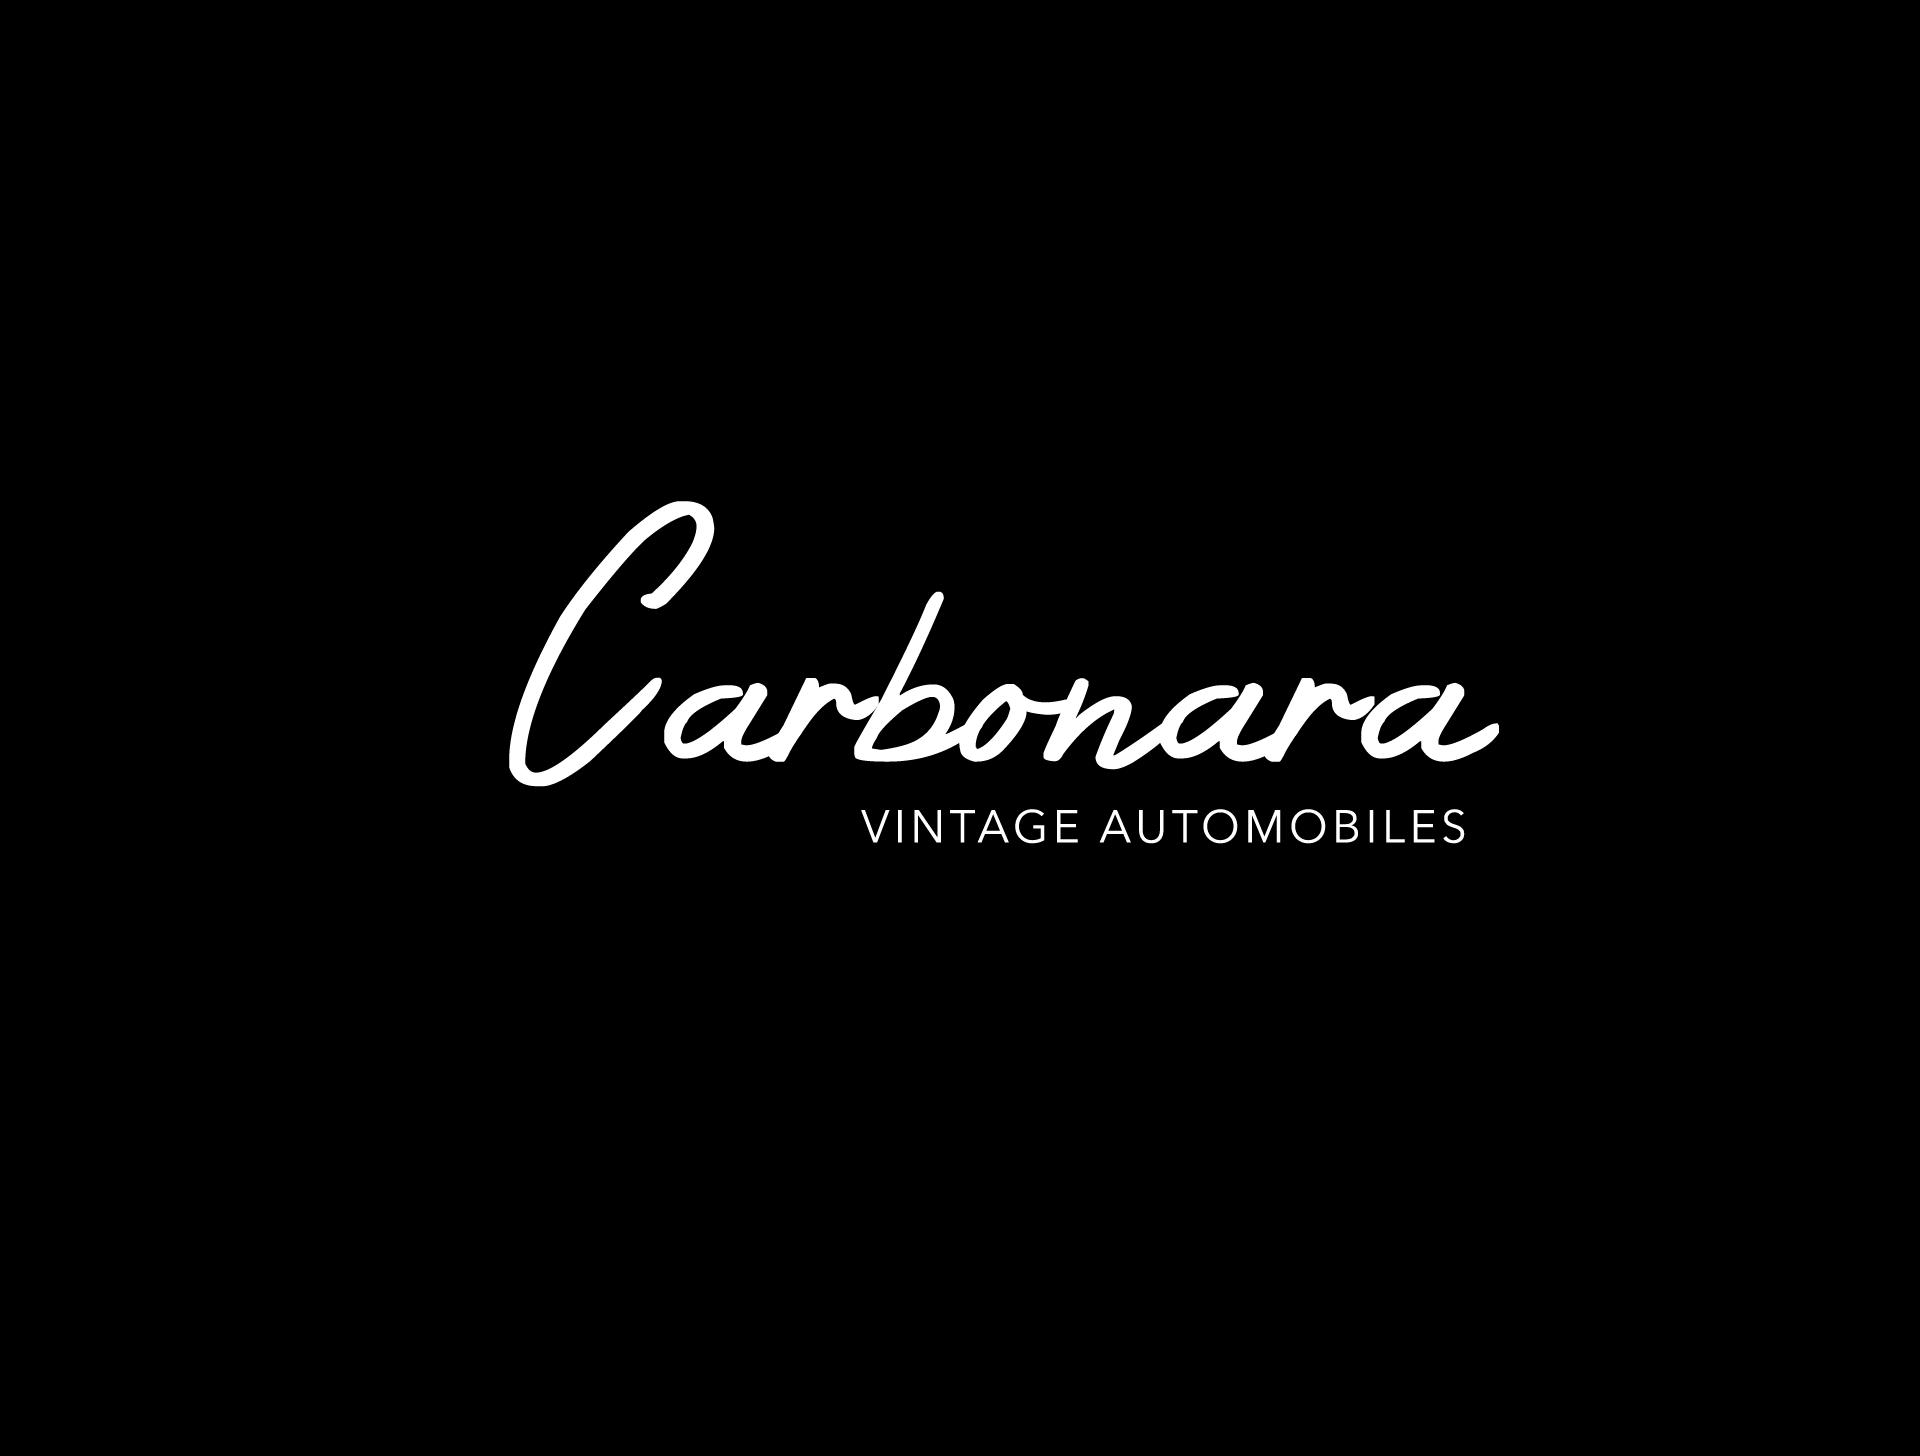 Carbonara - vintage automobiles logos